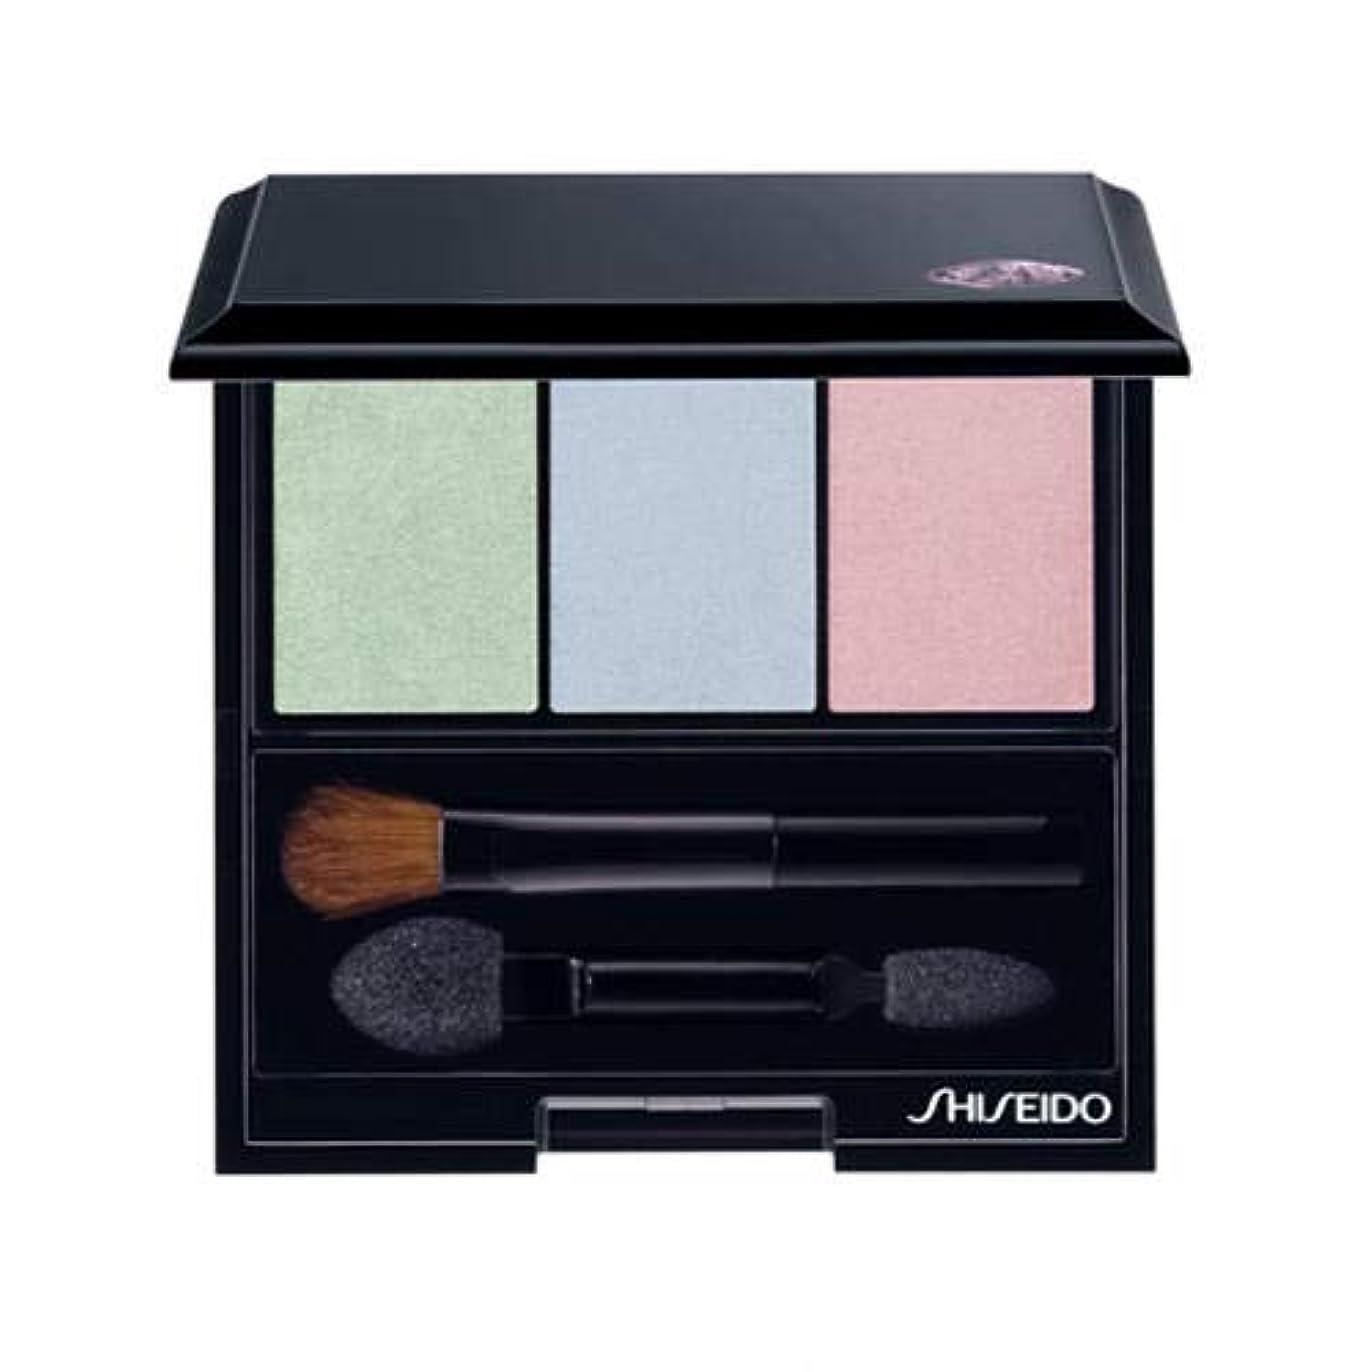 ラリー複合印象的資生堂 ルミナイジング サテン アイカラー トリオ BL215(Shiseido Luminizing Satin Eye Color Trio BL215) [並行輸入品]